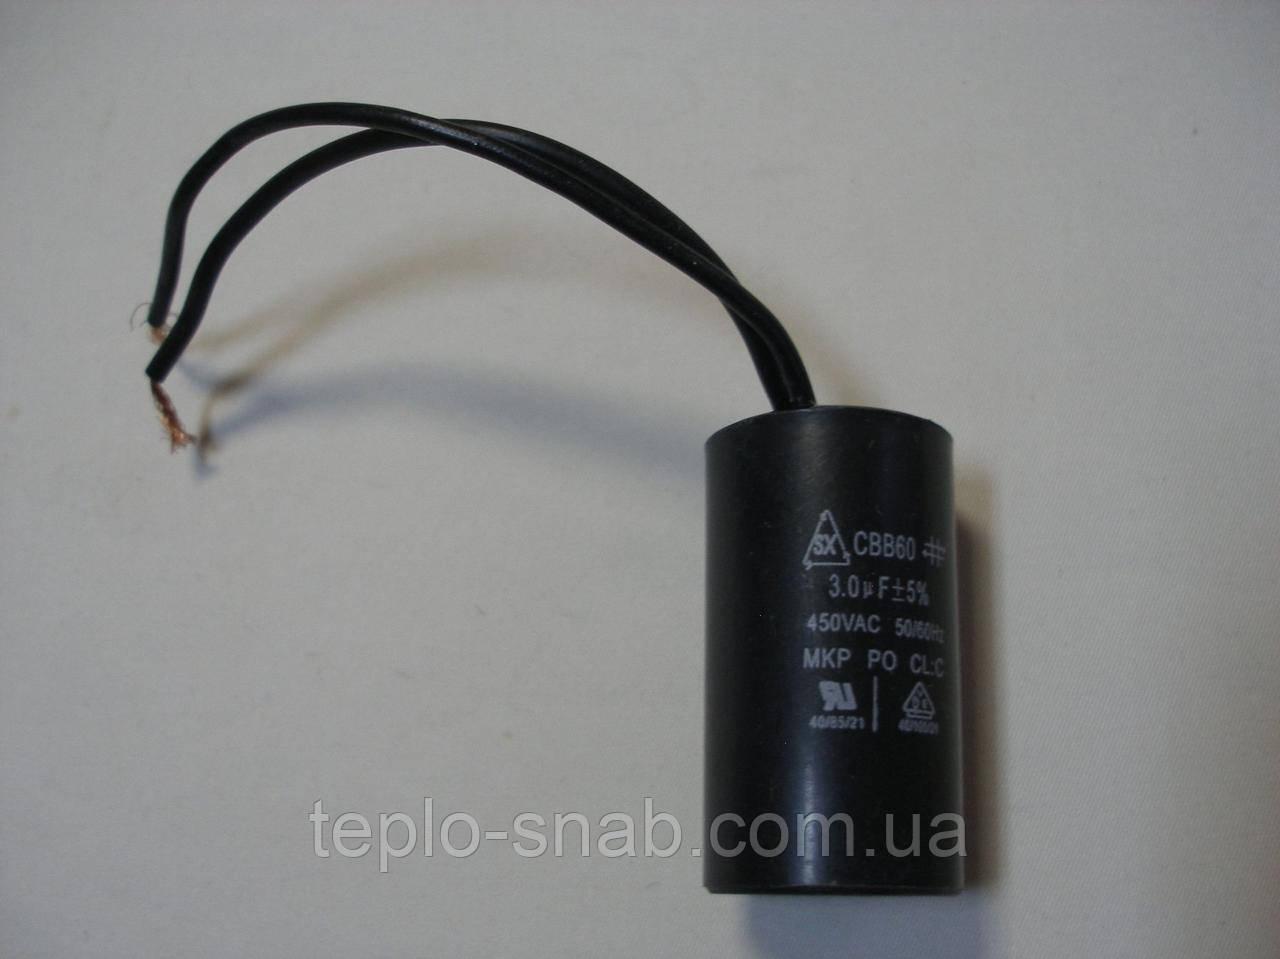 Конденсатор циркуляційного насоса 3 mF